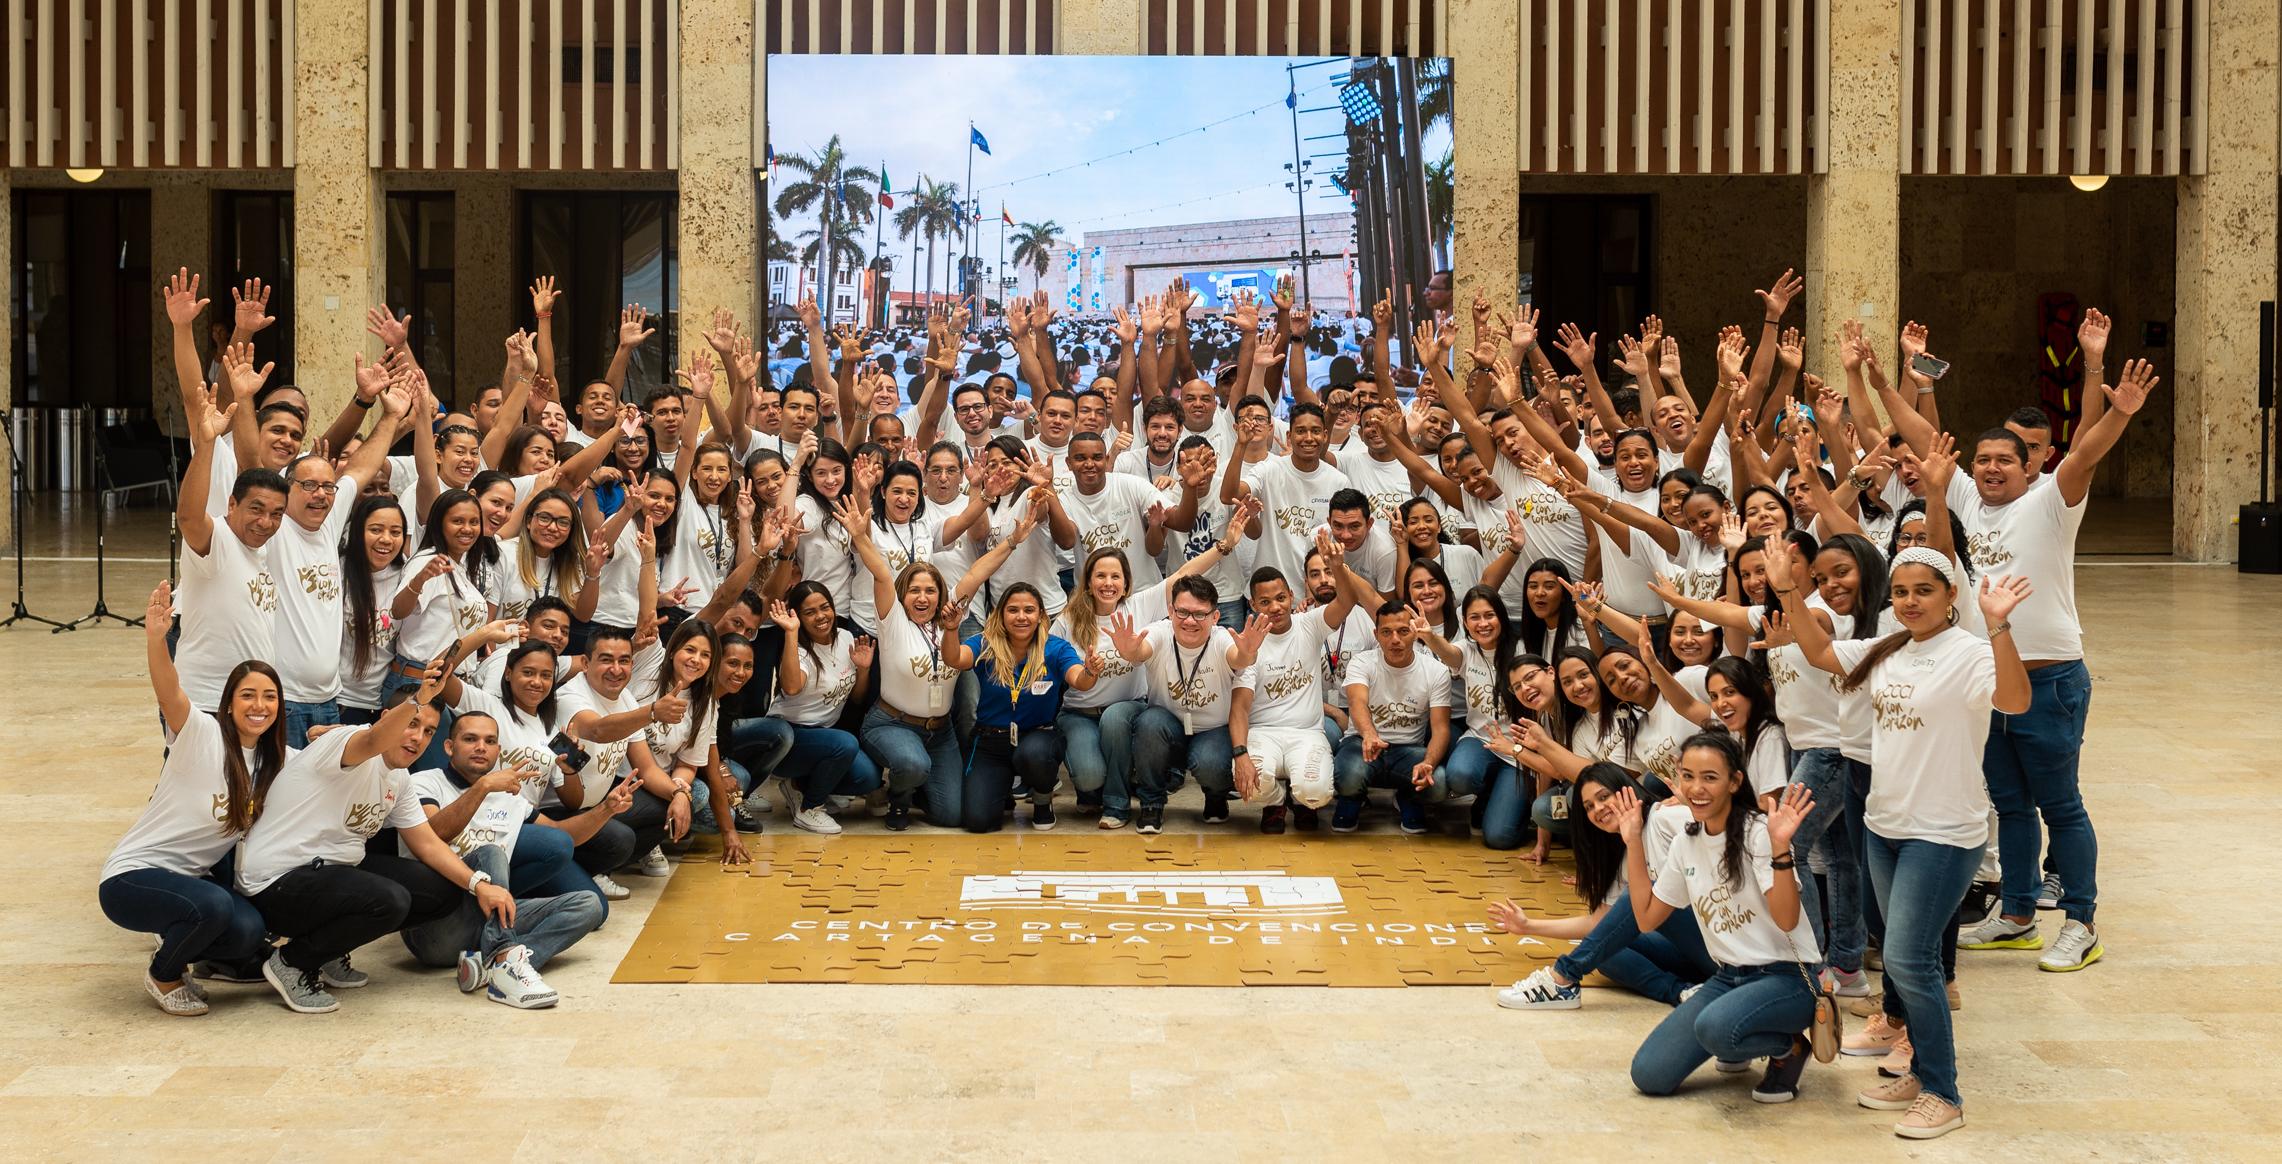 El equipo CCCI sigue comprometido desde casa #MeQuedoEnCasa